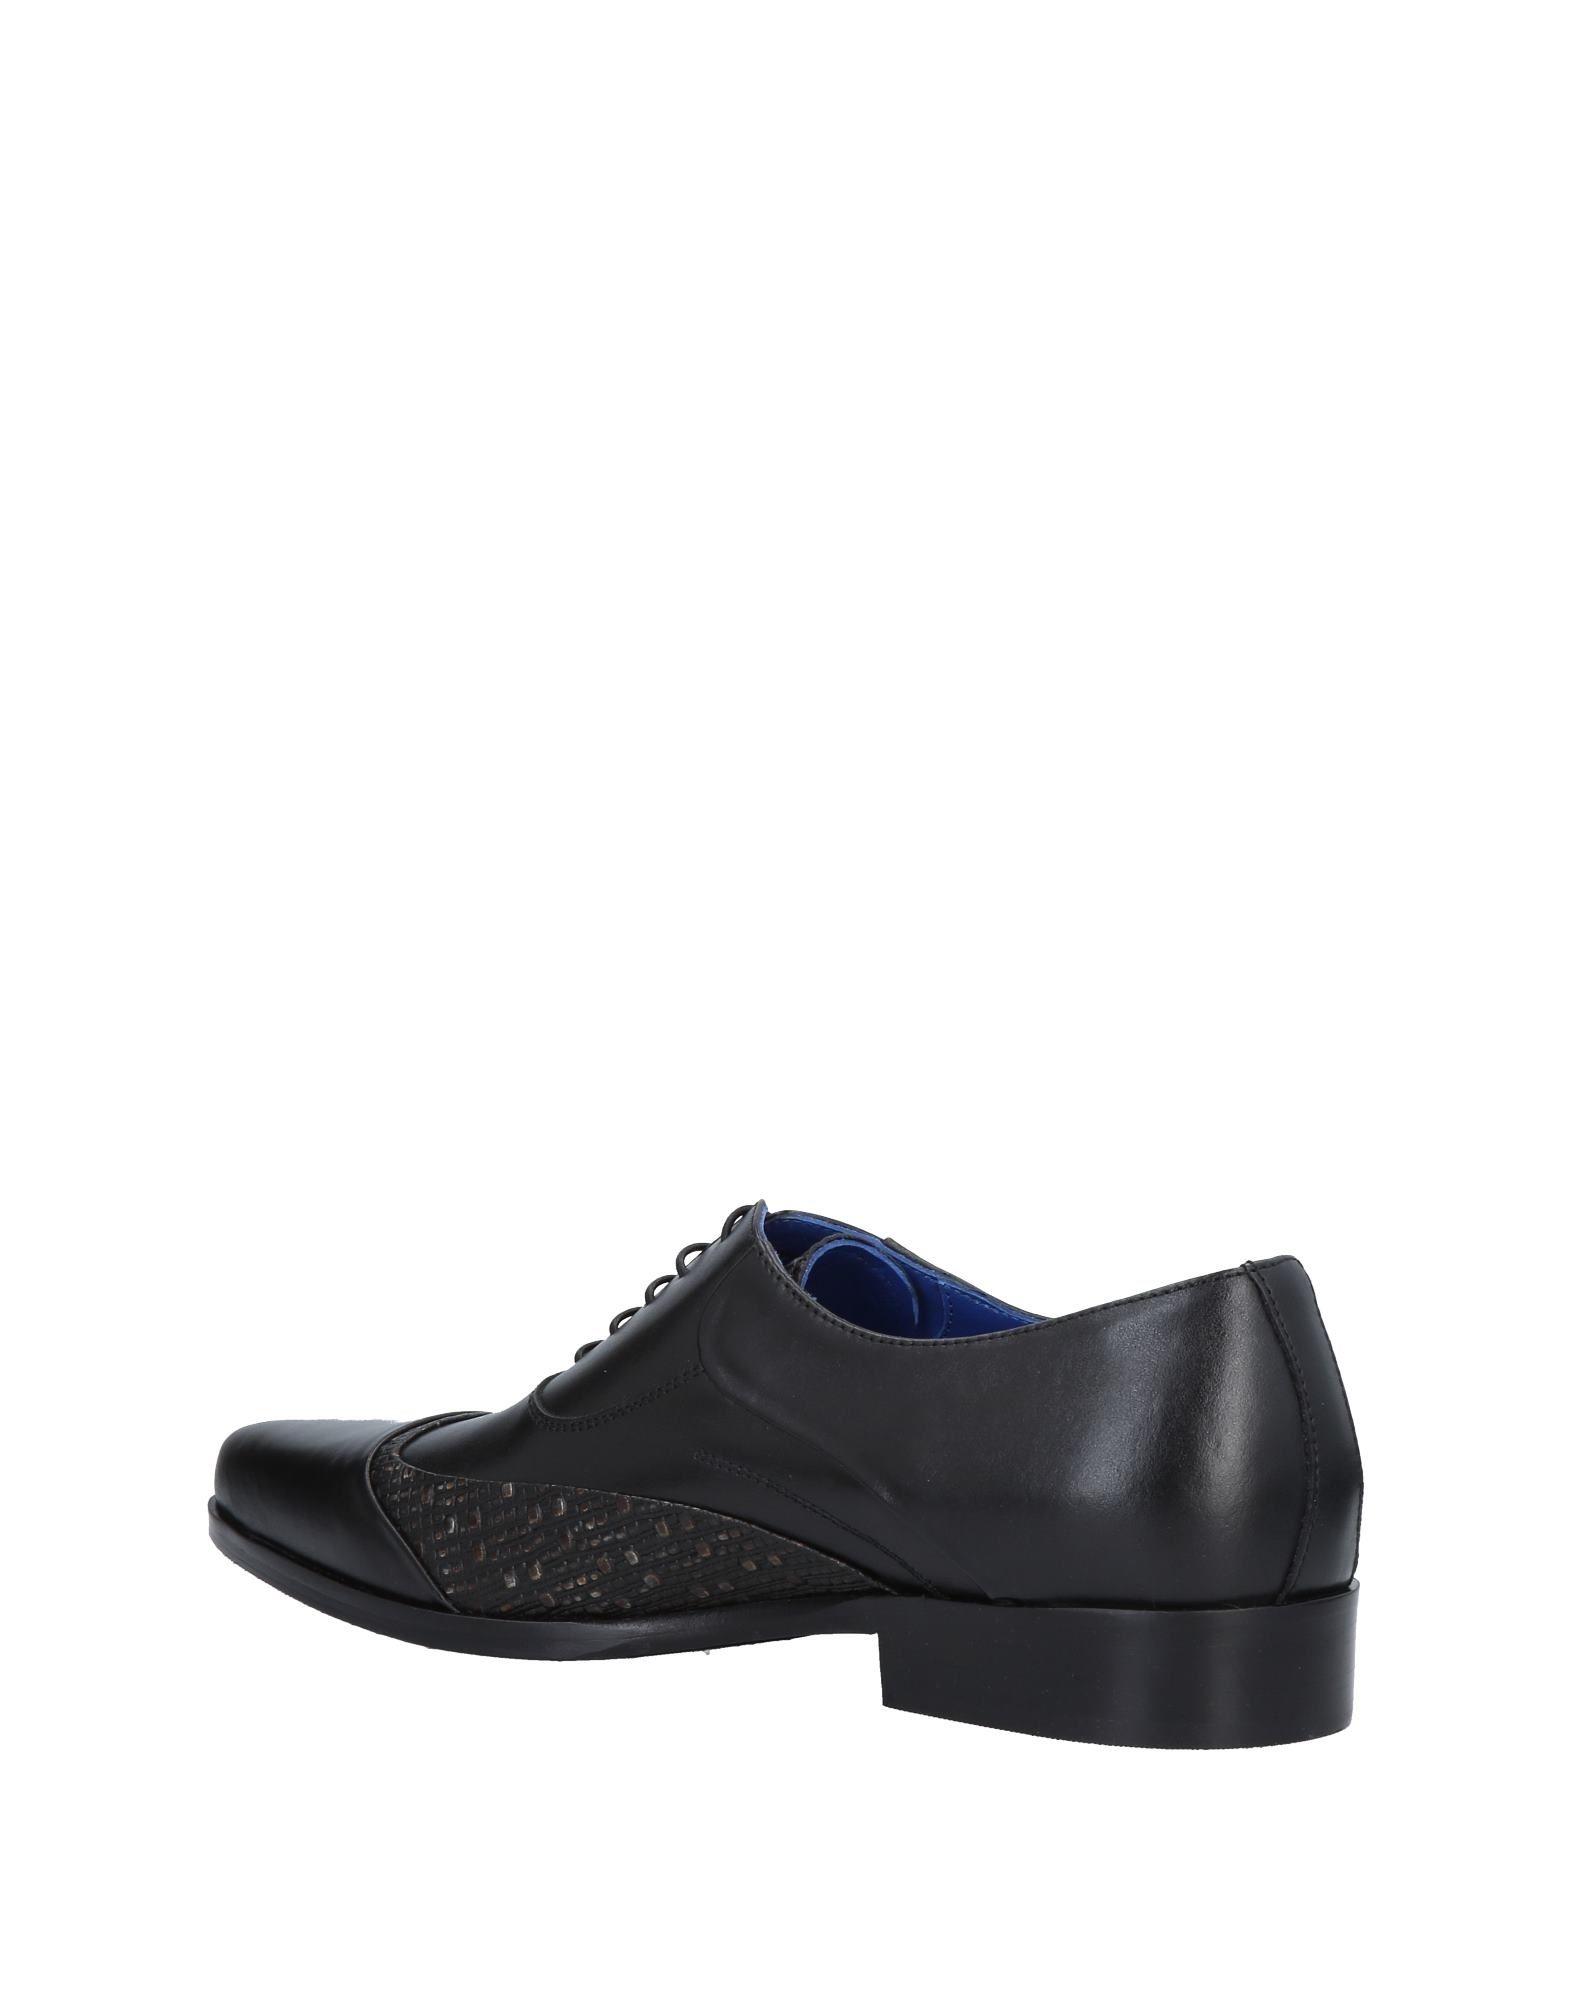 Giovanni Conti Schnürschuhe Herren  11471684XF Gute Qualität beliebte Schuhe